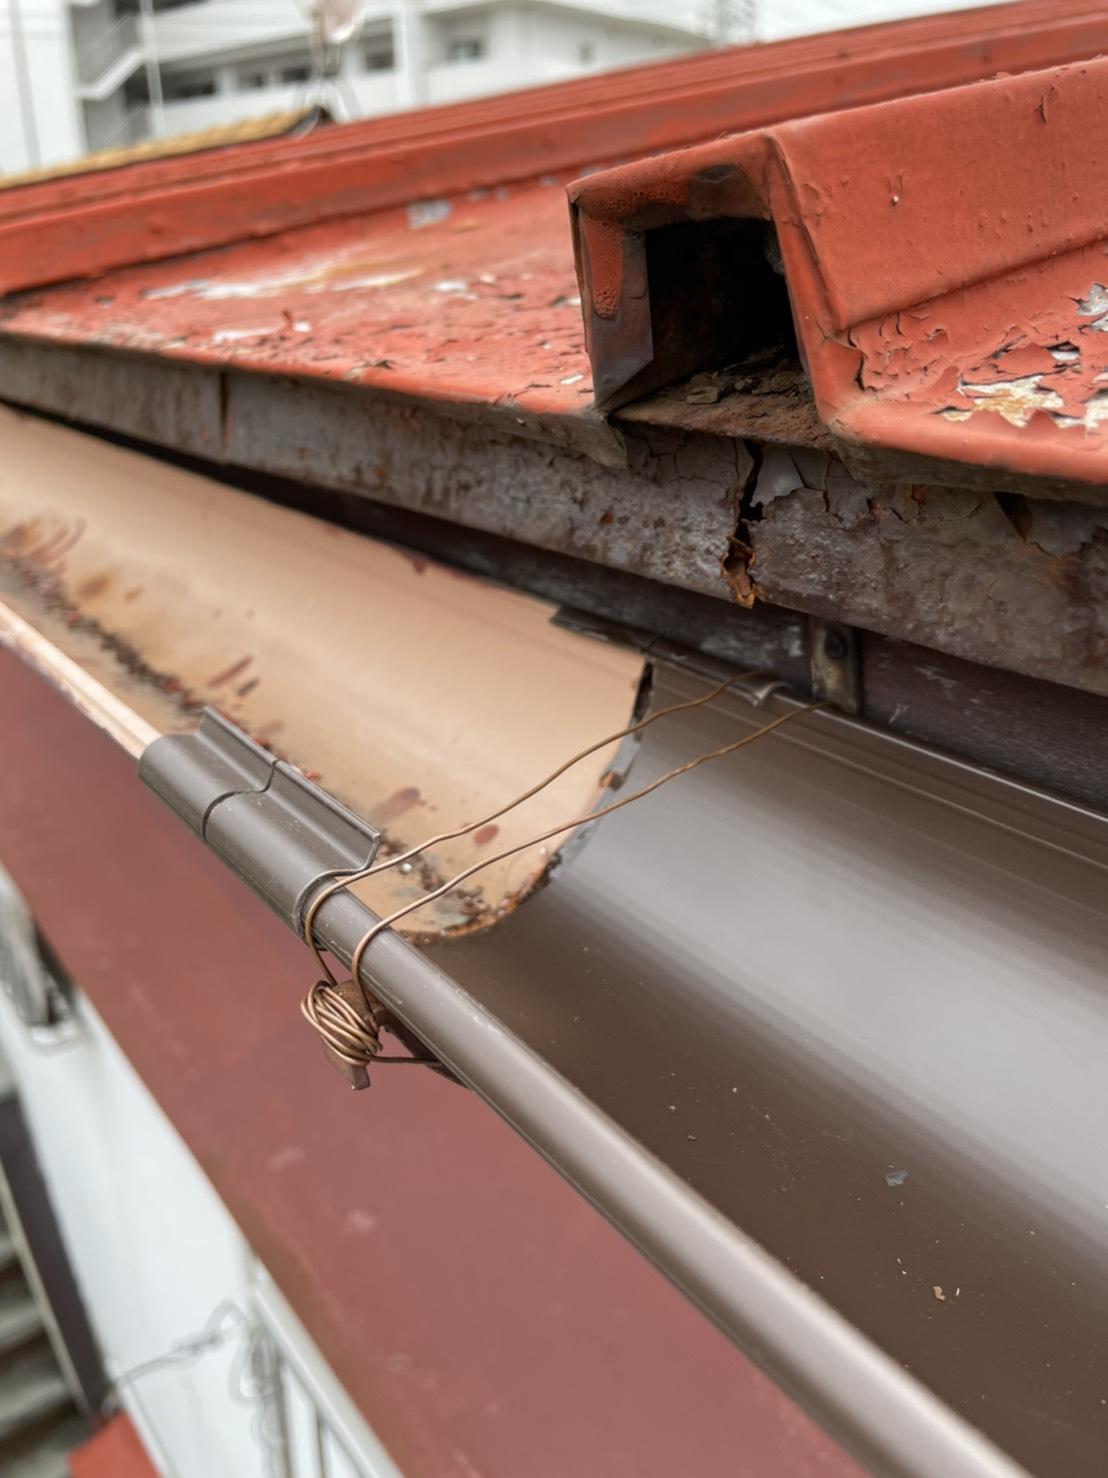 神戸市須磨区で行った雨樋修理で既存の雨樋と新しい雨樋を接合した様子